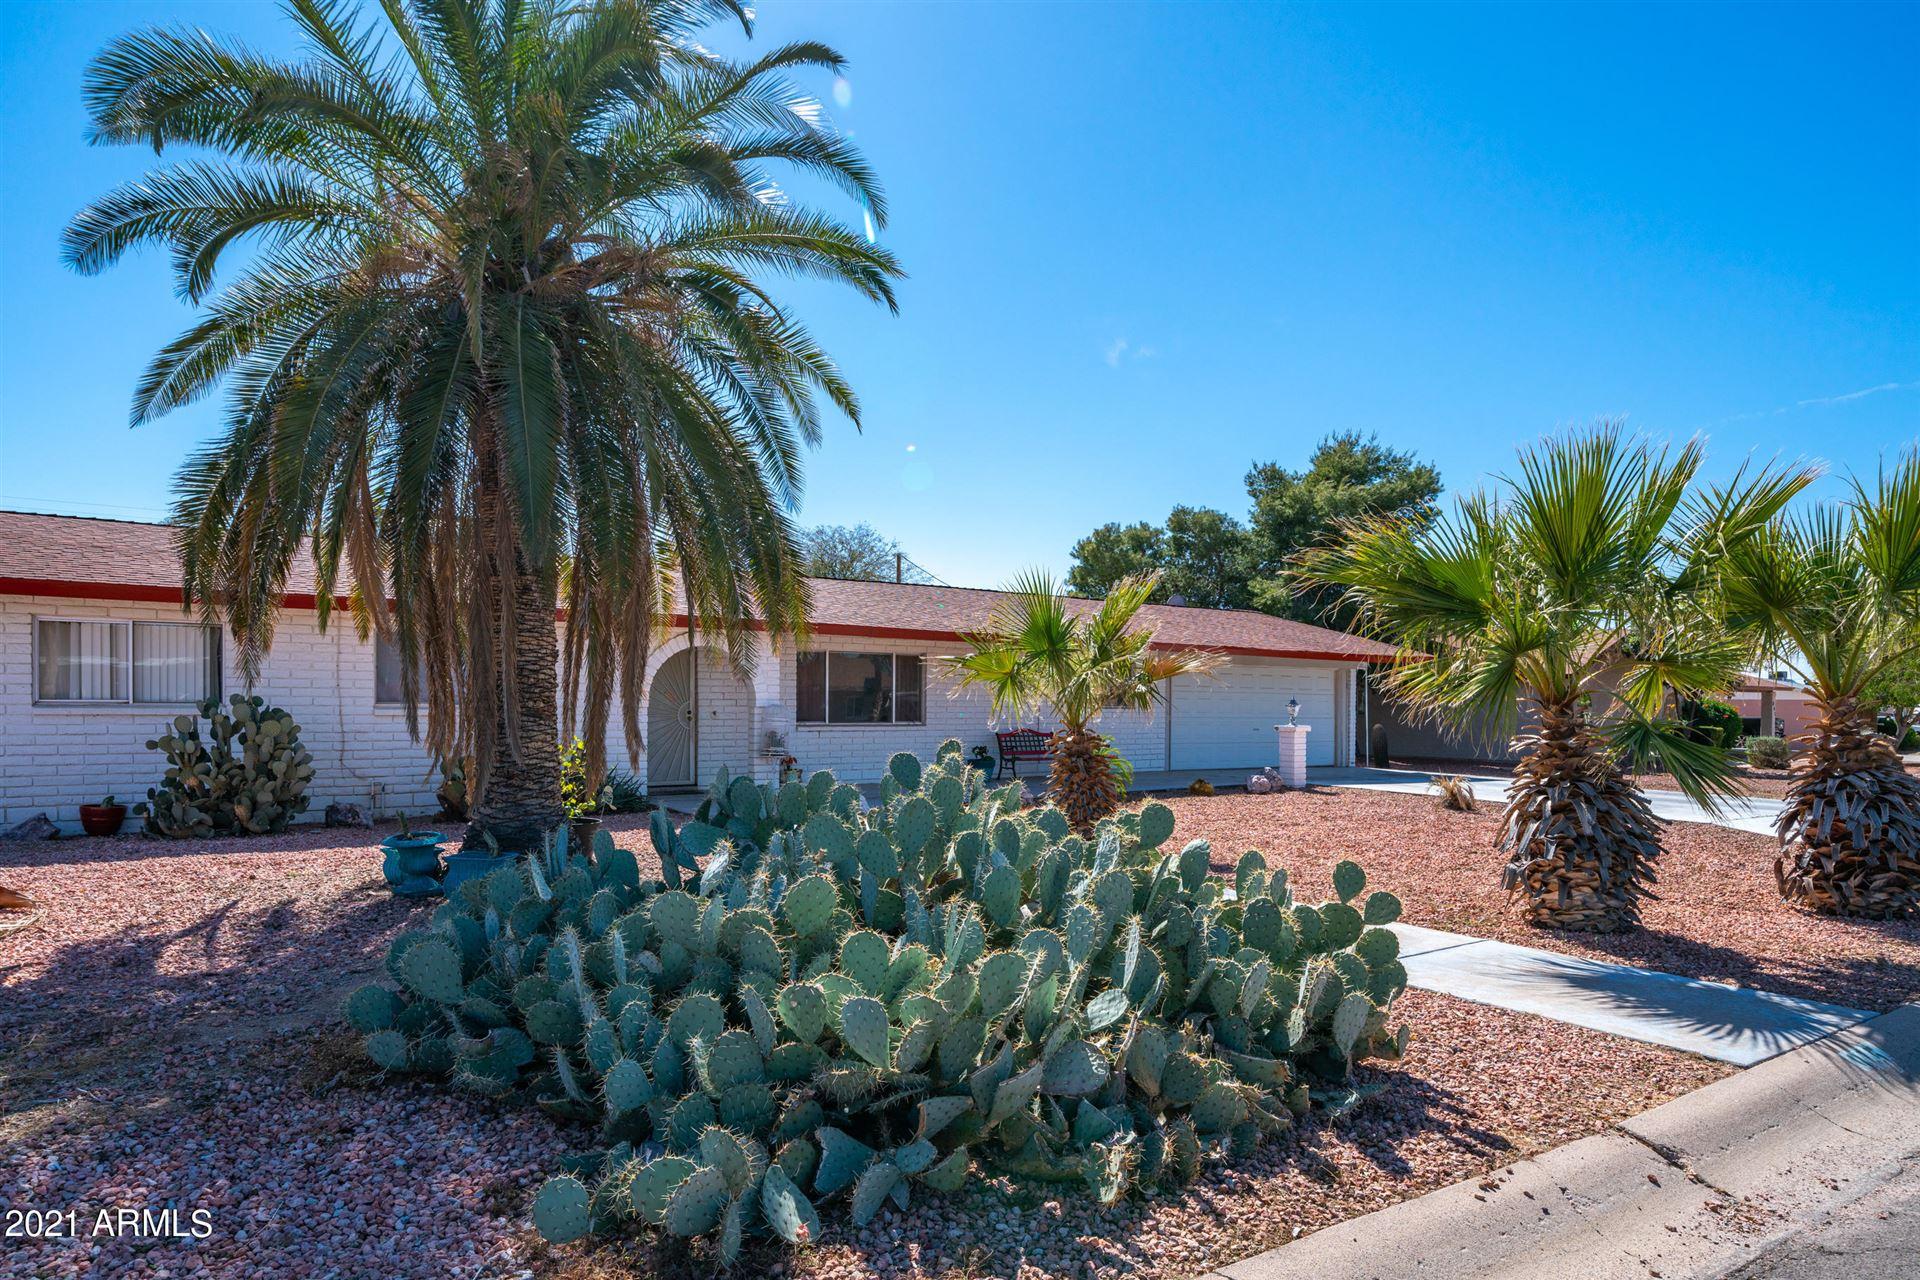 Photo of 915 E HONDO Avenue, Apache Junction, AZ 85119 (MLS # 6197728)